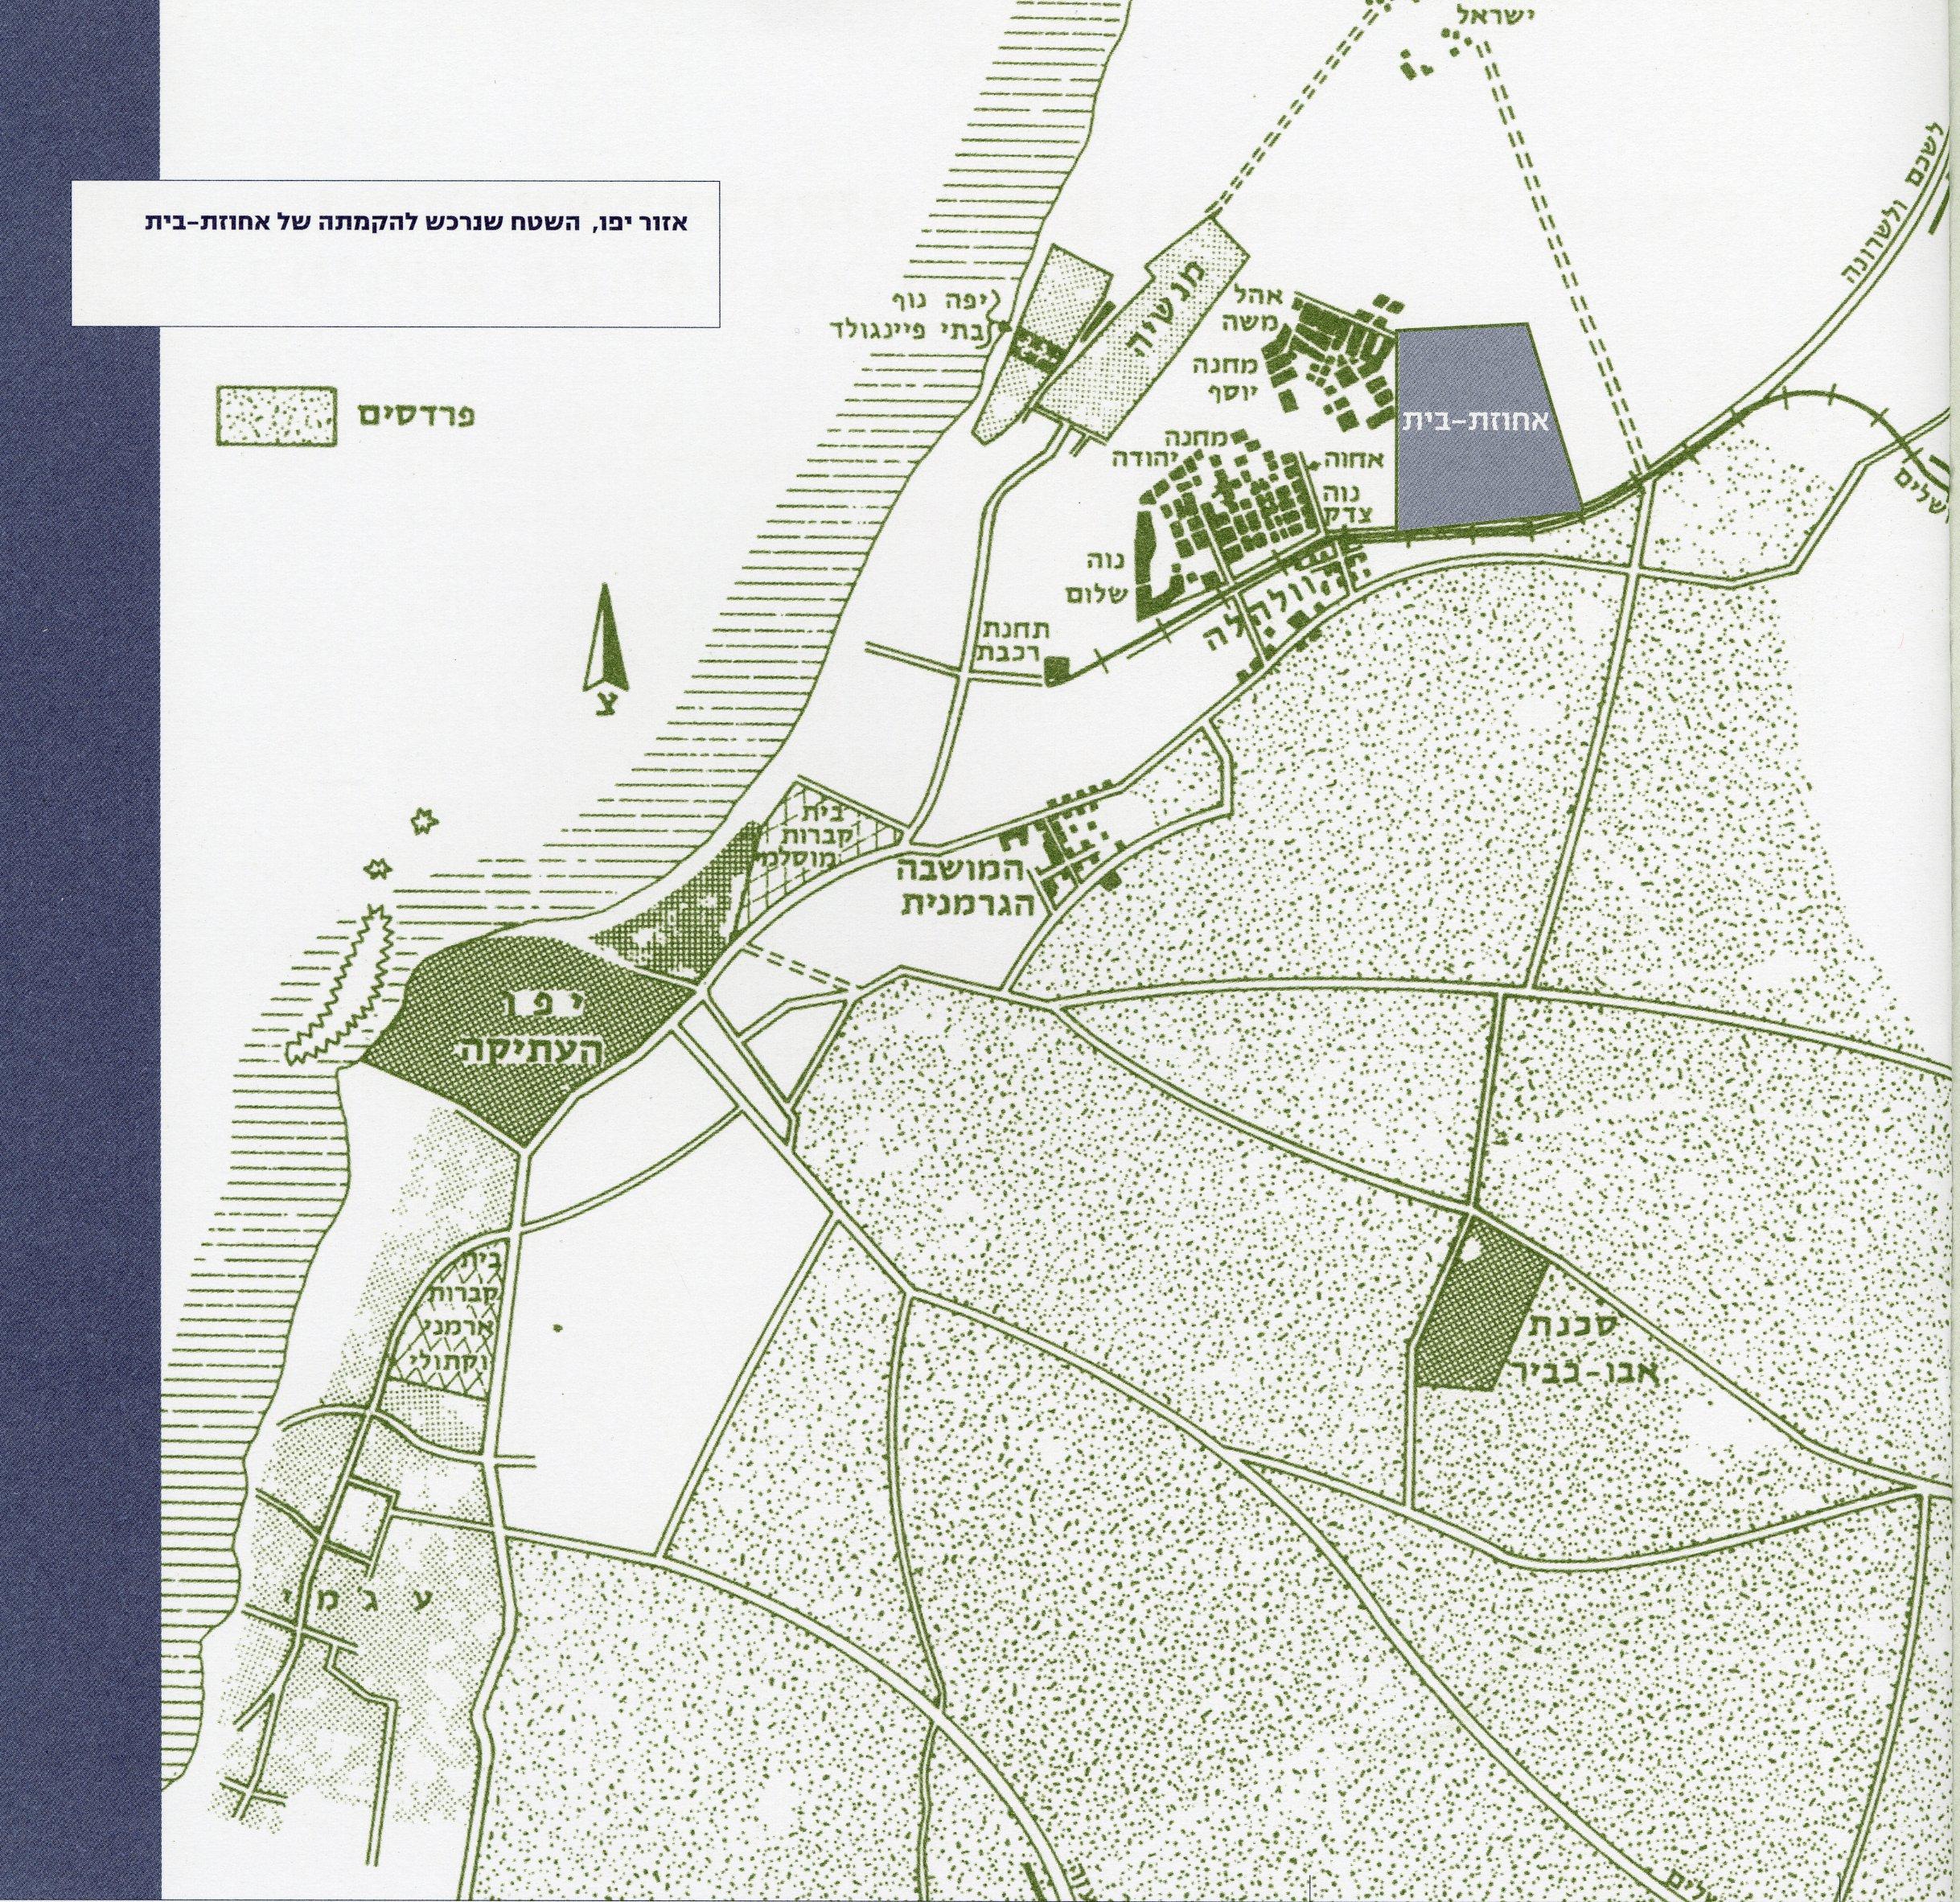 אזור יפו והשטח שנרכש להקמתה של אחוזת-בית חוברת אחוזה שהיתה לעיר תיקיה תל-אביב עד שנת 1948